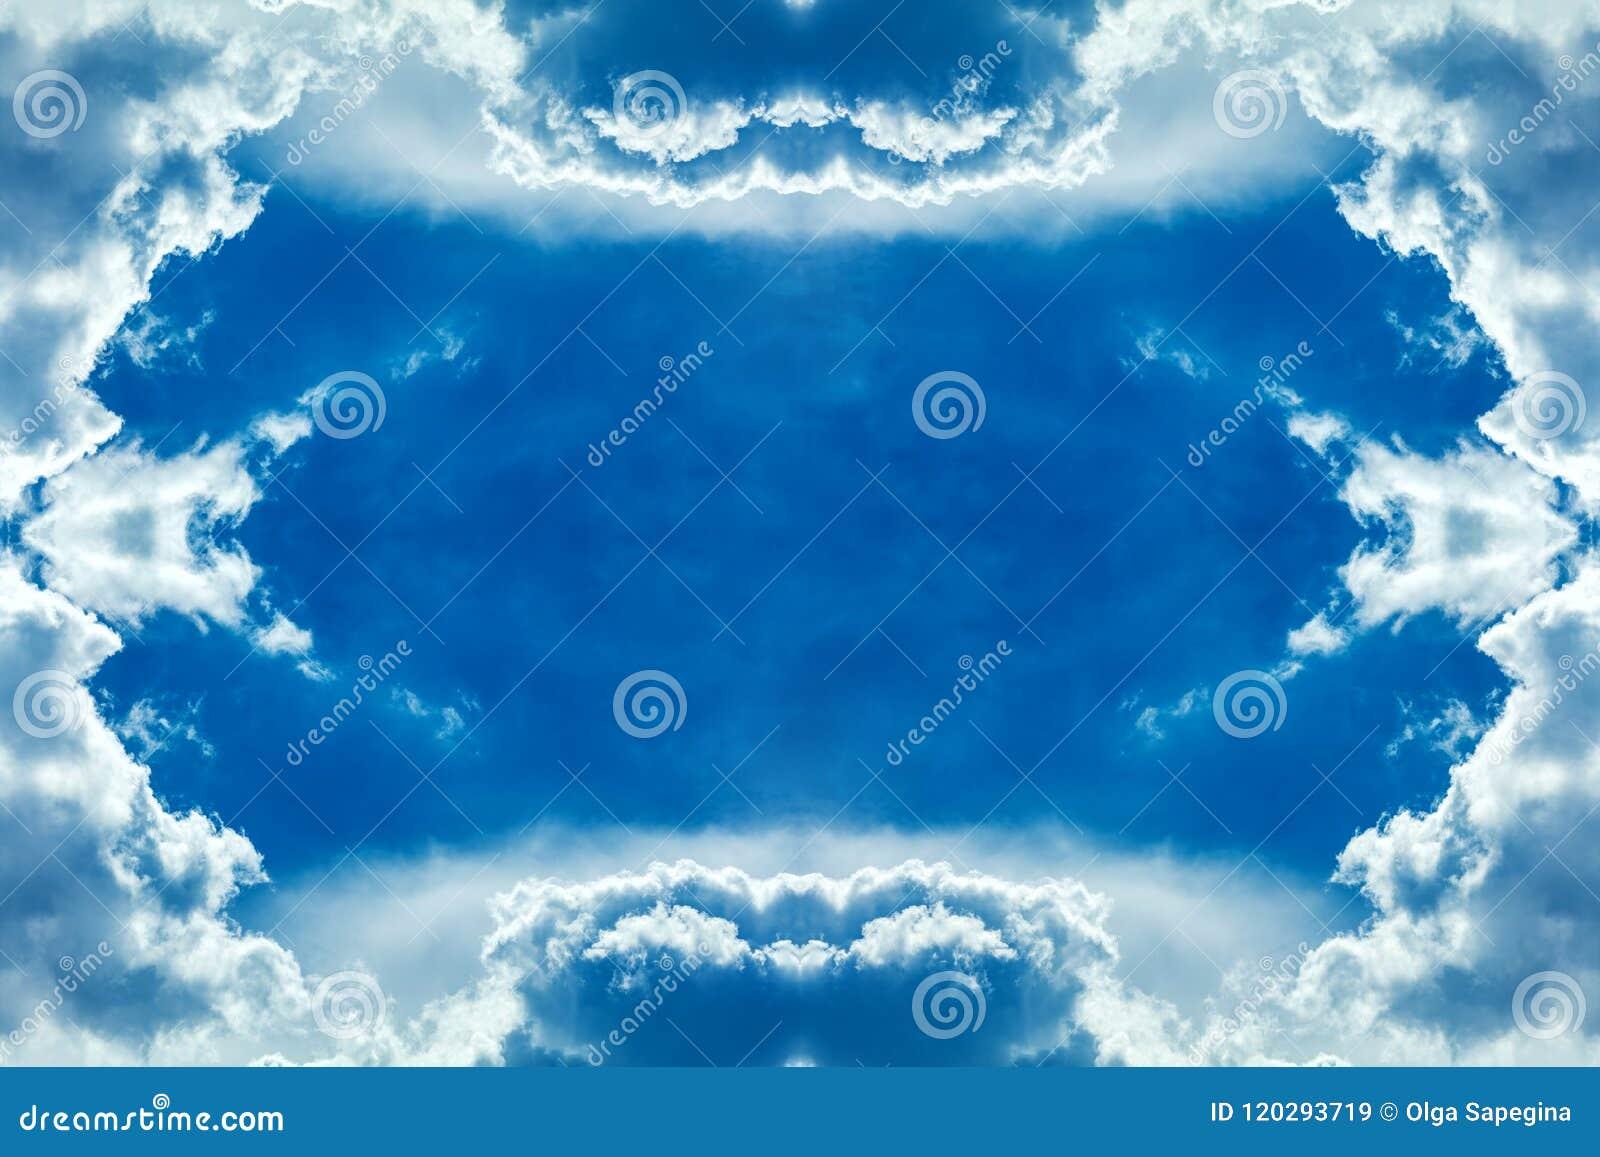 Wolken gestalten im Himmel